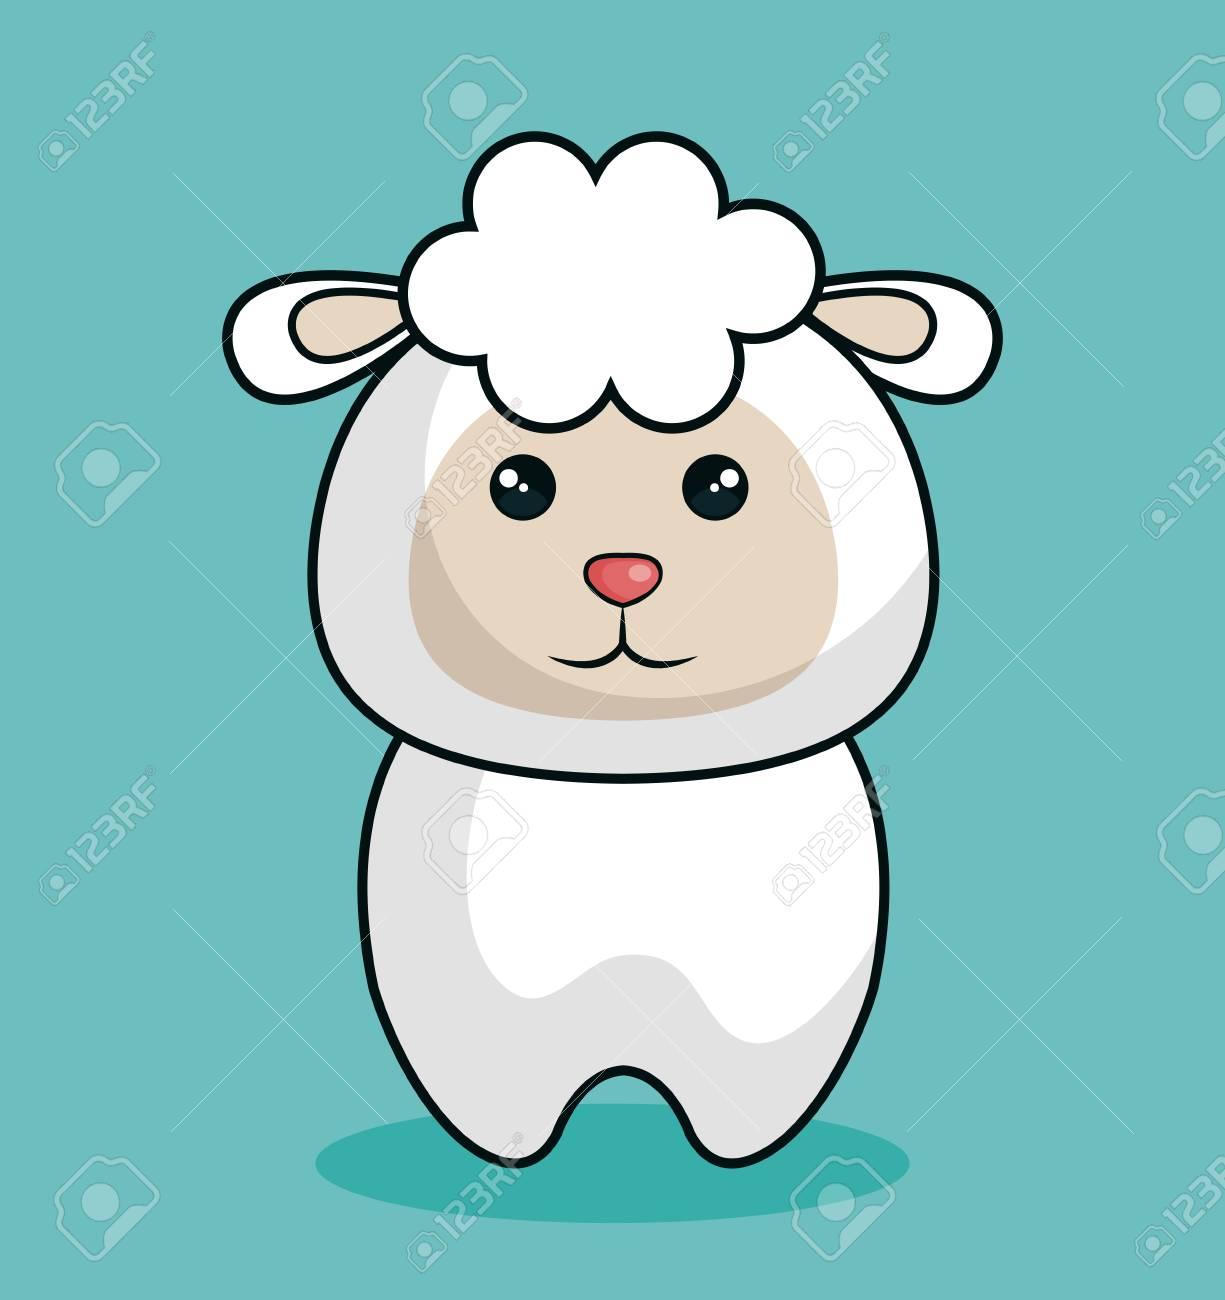 かわいい羊ぬいぐるみアイコン ベクトル イラスト デザインのイラスト